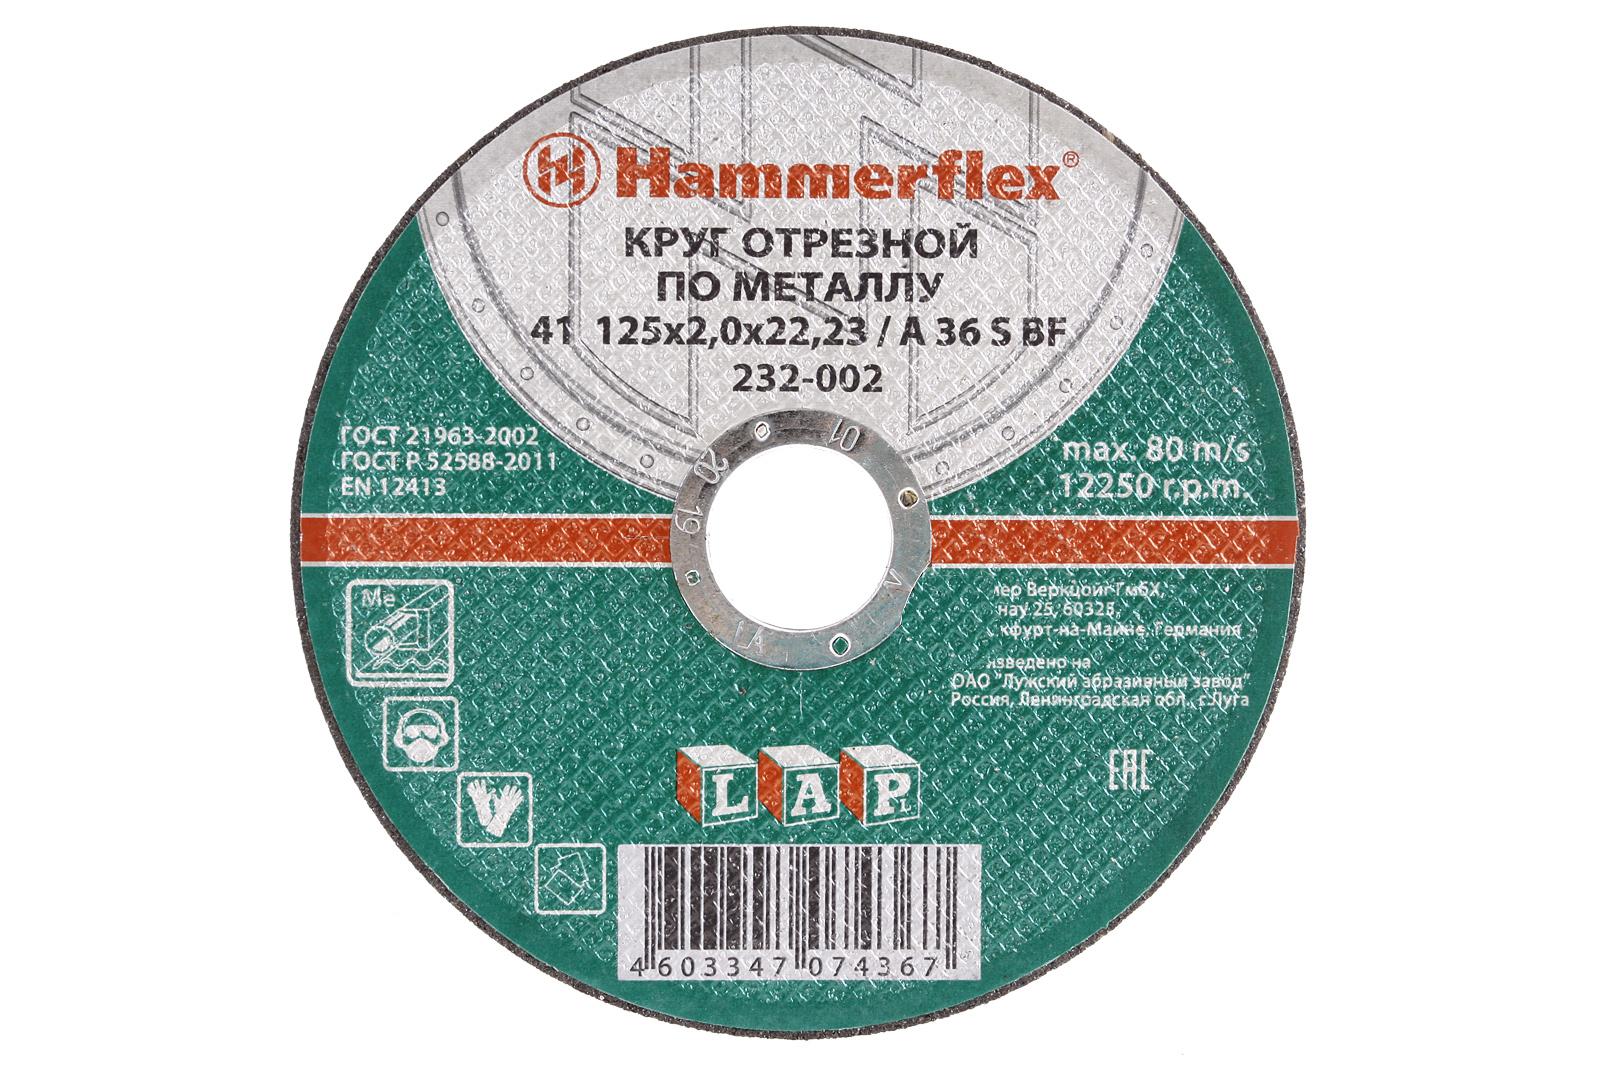 Круг отрезной Hammer 125 x 2.0 x 22 по металлу Коробка (200шт.) круг отрезной hammer flex 115 x 1 6 x 22 по металлу и нержавеющей стали 25шт